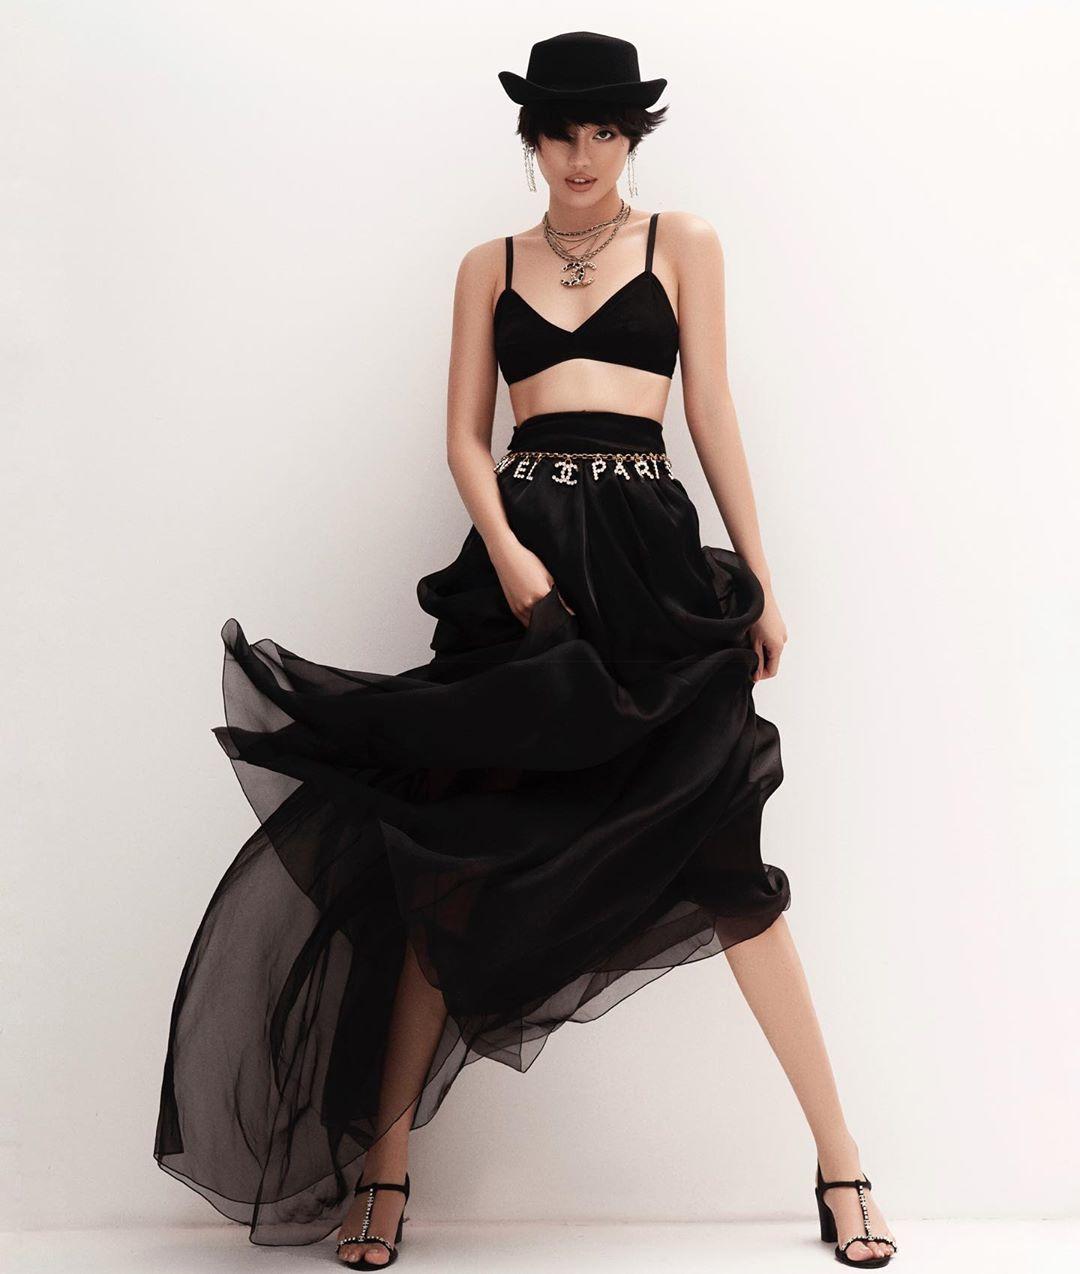 Bài học thời trang từ Coco Chanel - Khánh Linh mặc váy voan, đeo thắt lưng xích Chanel